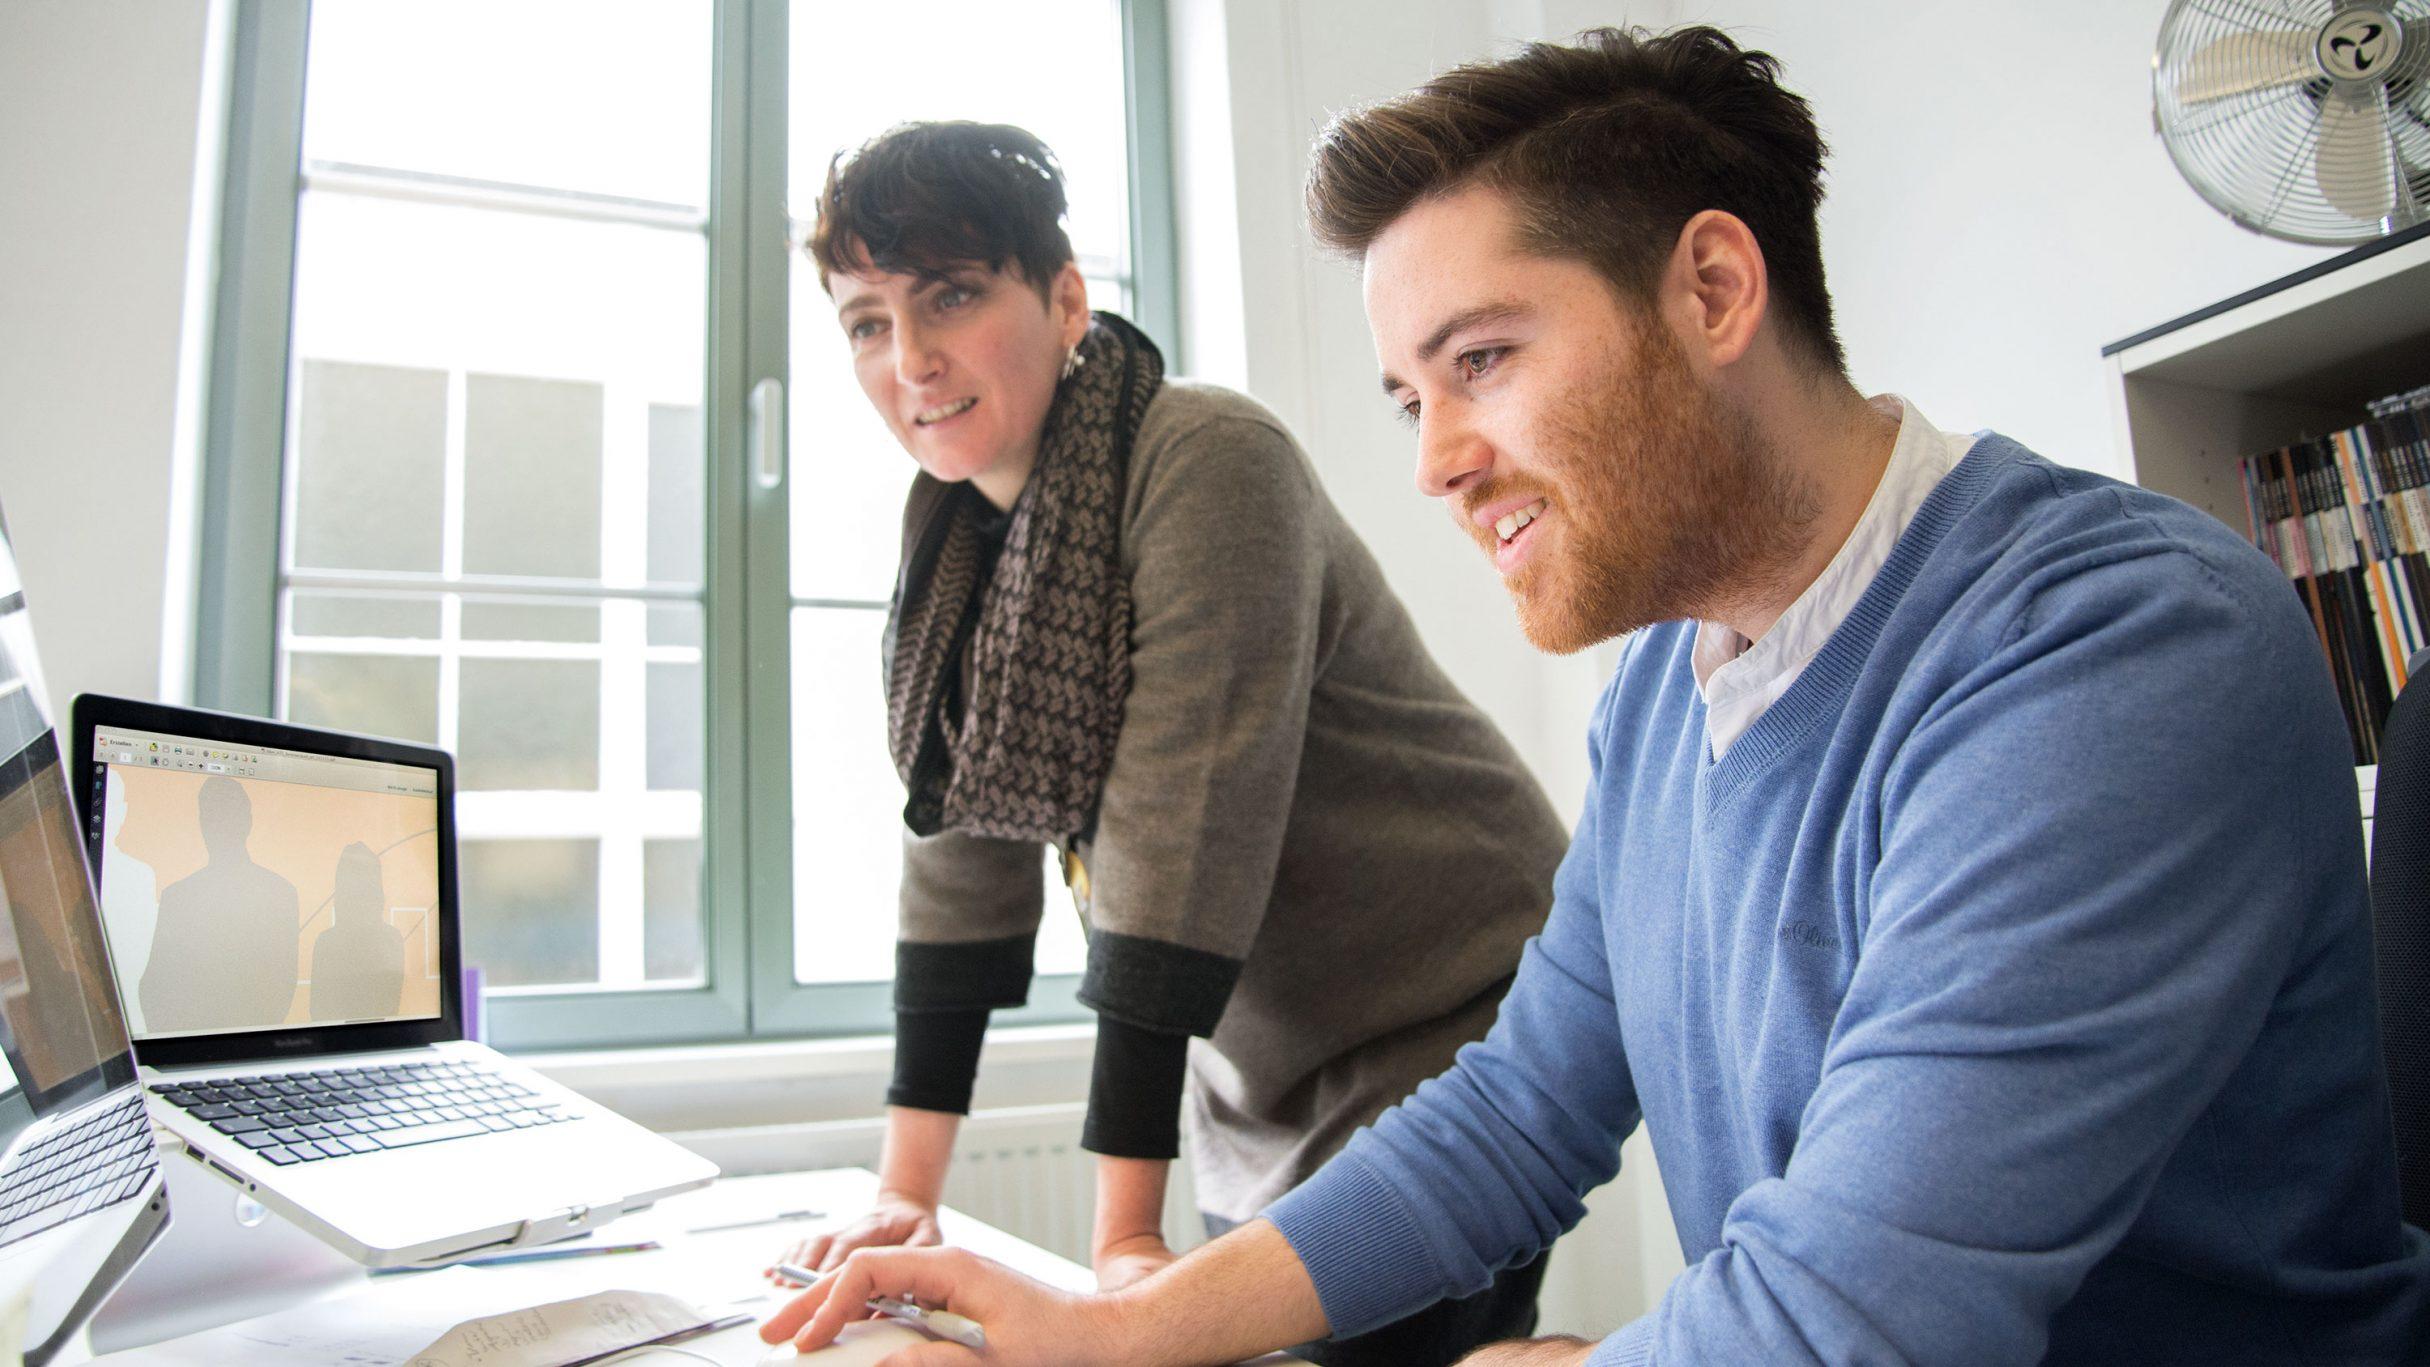 Simone und Florian bei der hbm Wandgestaltung: DIE NEUDENKER® Agentur, Darmstadt